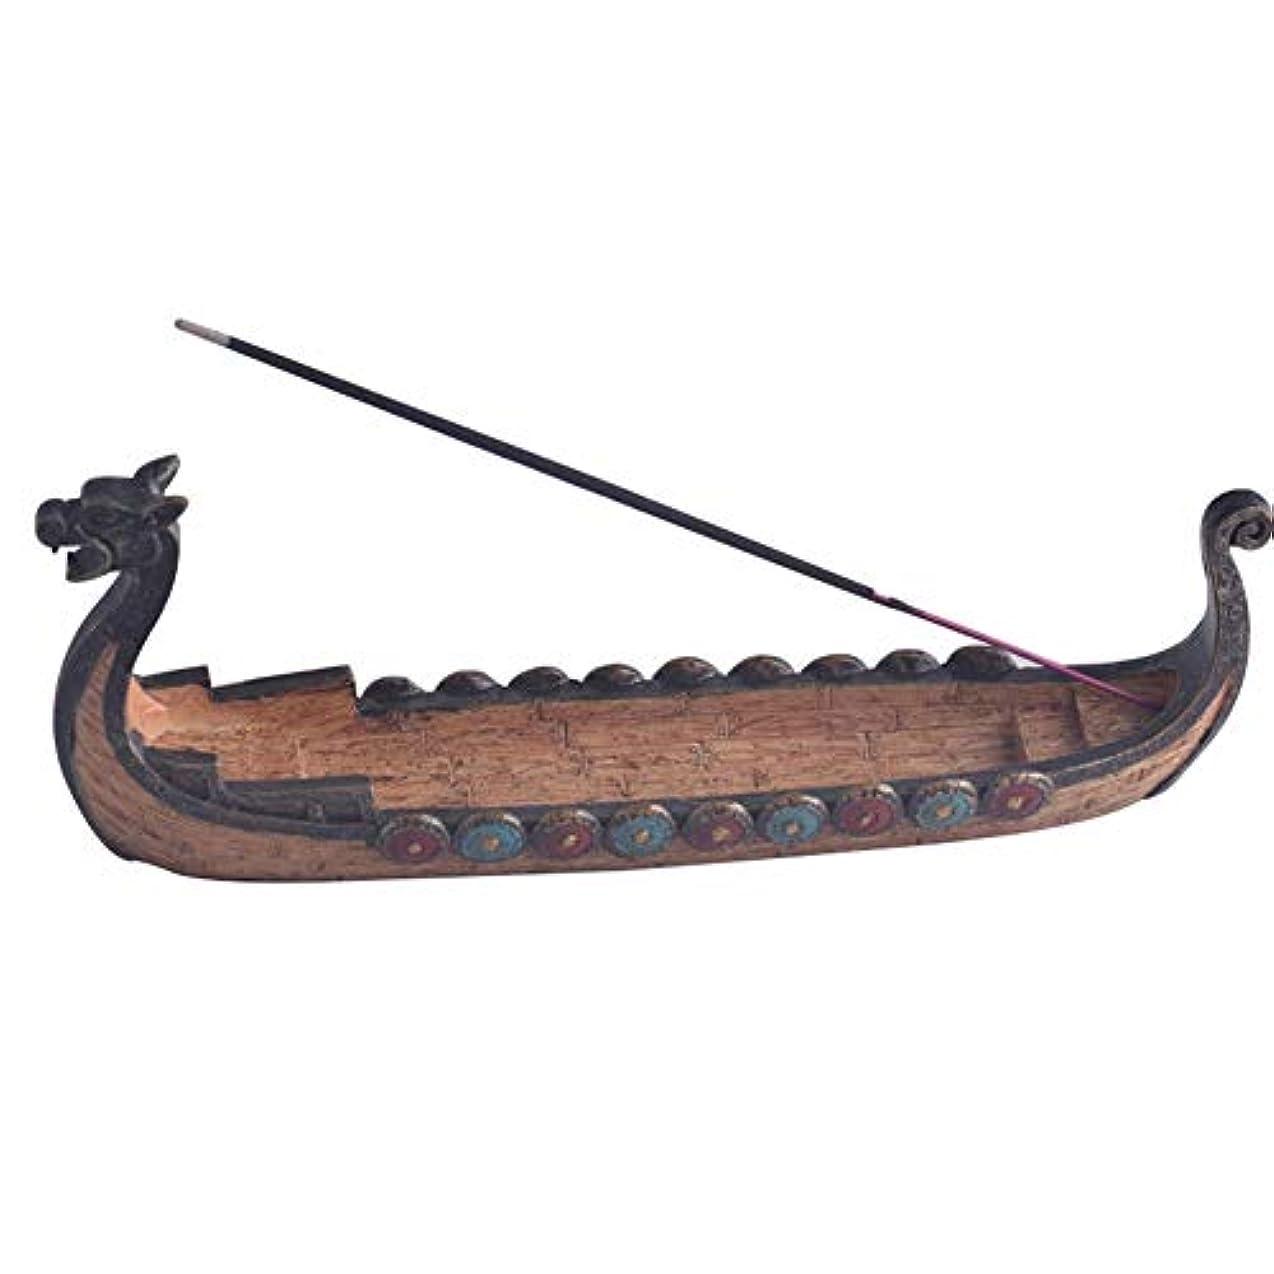 ますます銀河マーティンルーサーキングジュニアTenflyer スティック香中国の伝統的な家の装飾のためのドラゴンボート型香炉